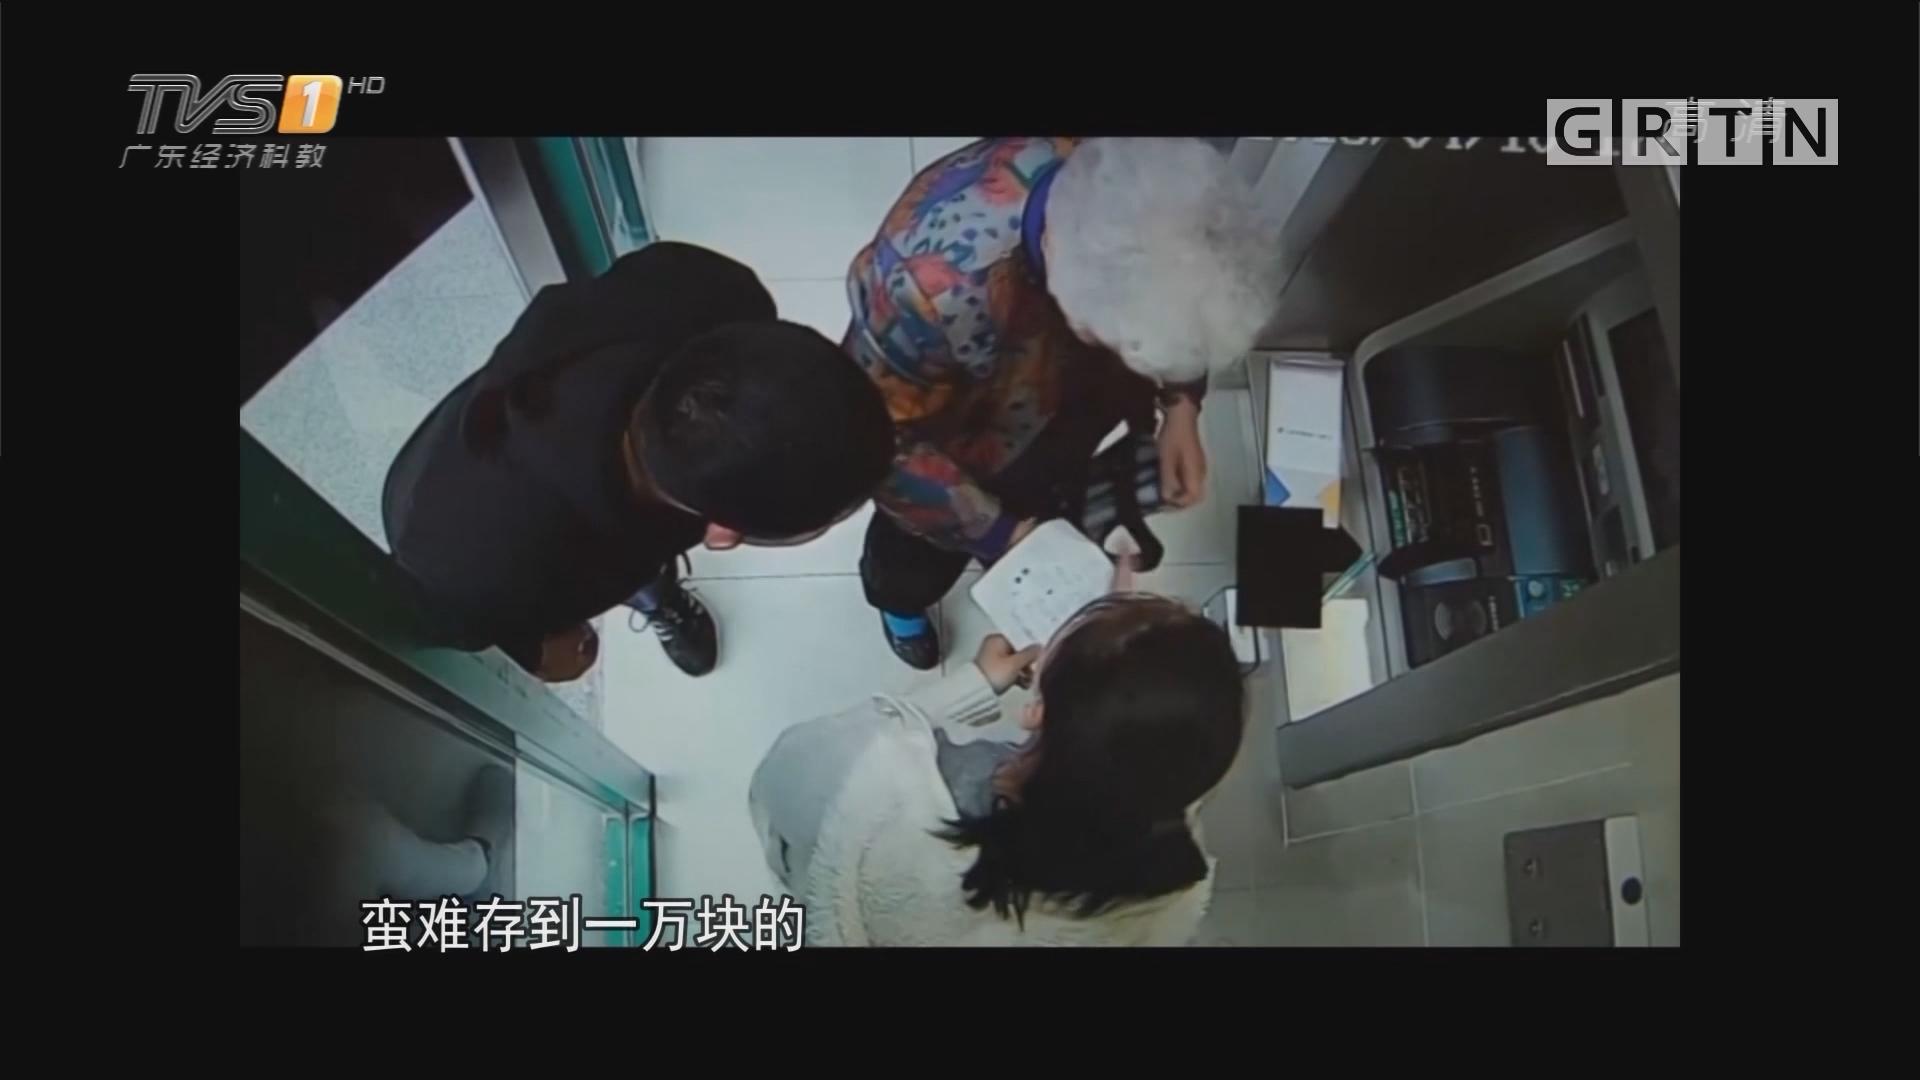 上海:老人欲转账 小伙狂敲ATM机门阻止